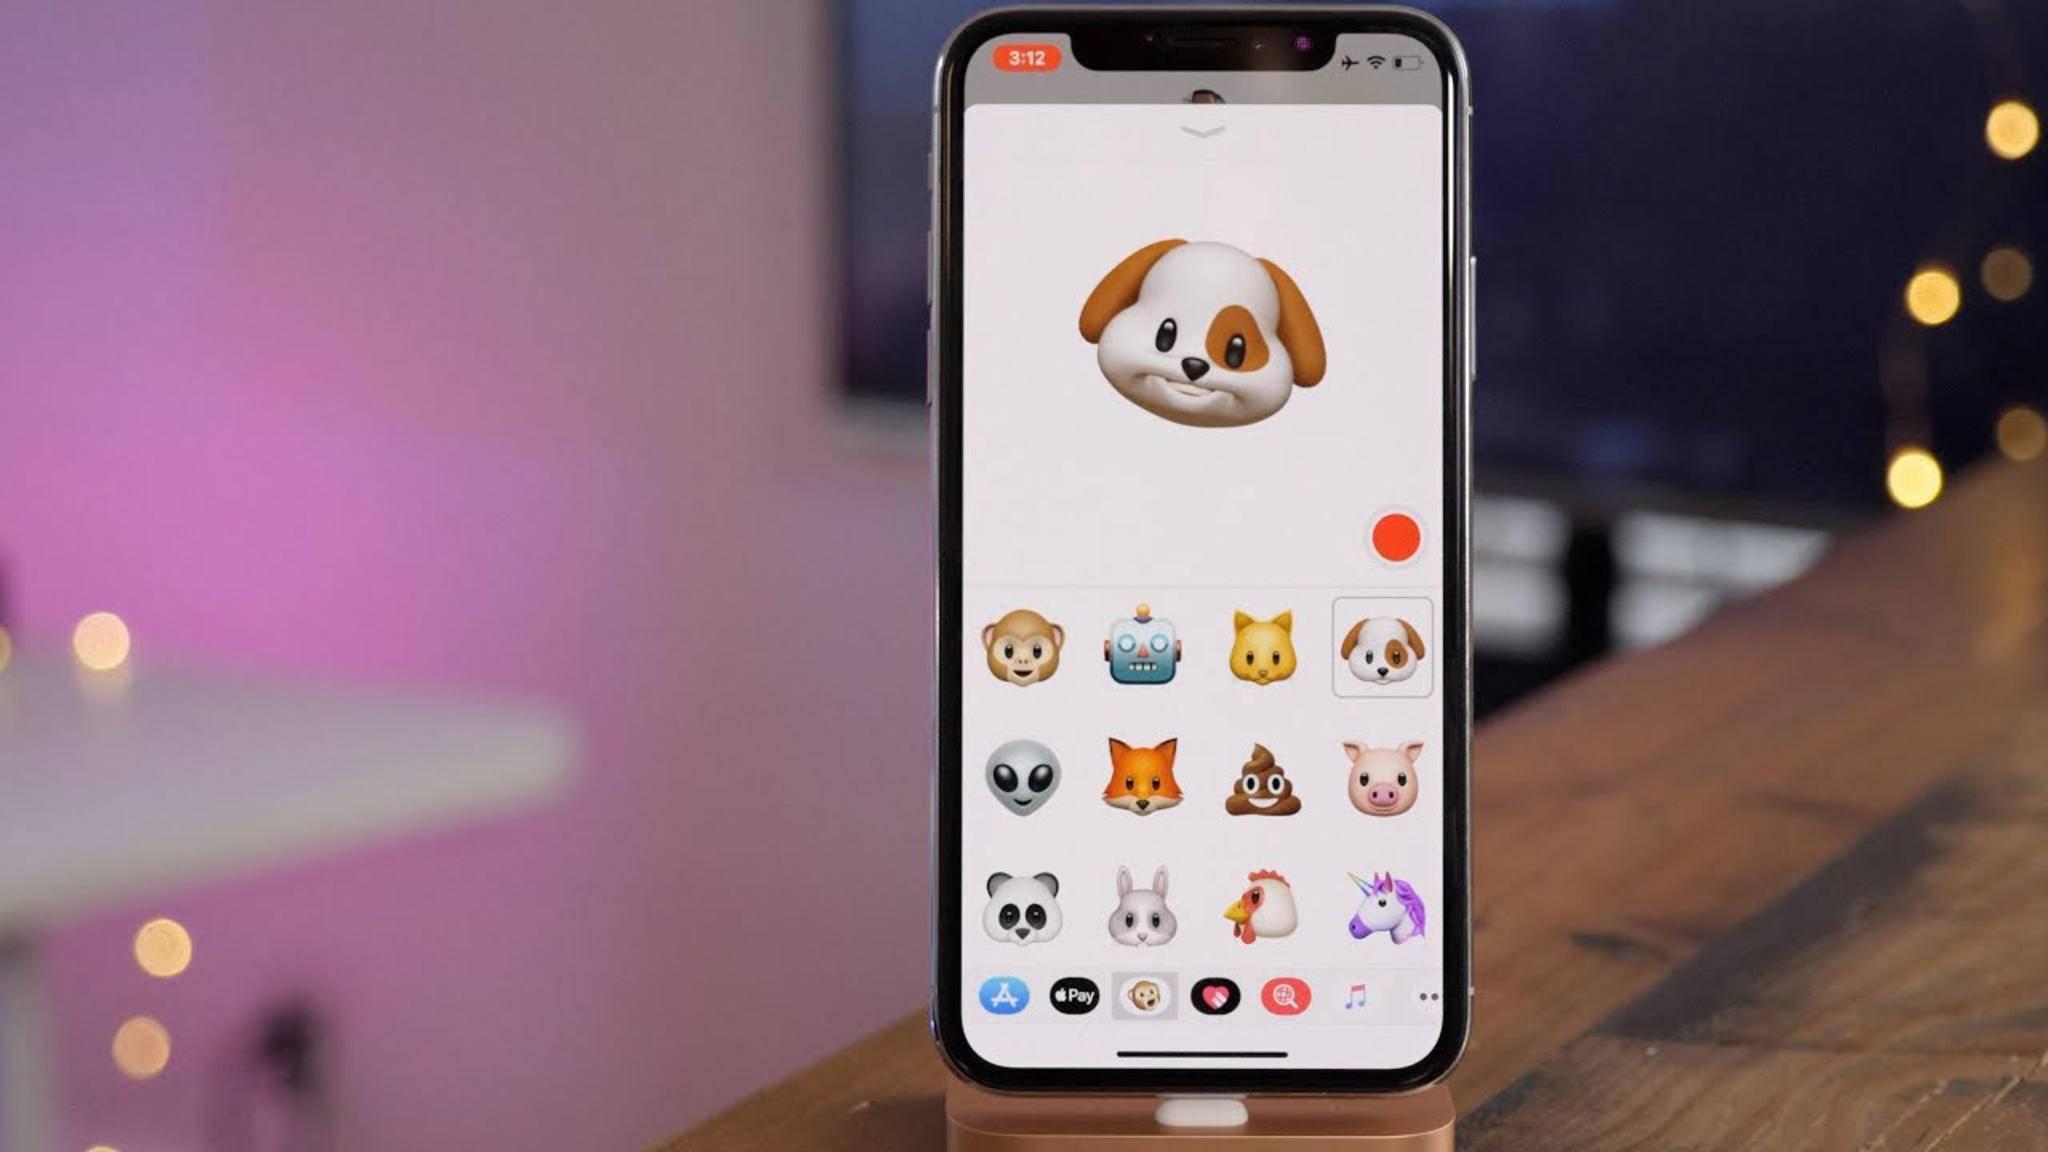 Nur das iPhone X kann Animojis erstellen – behauptet zumindest Apple.